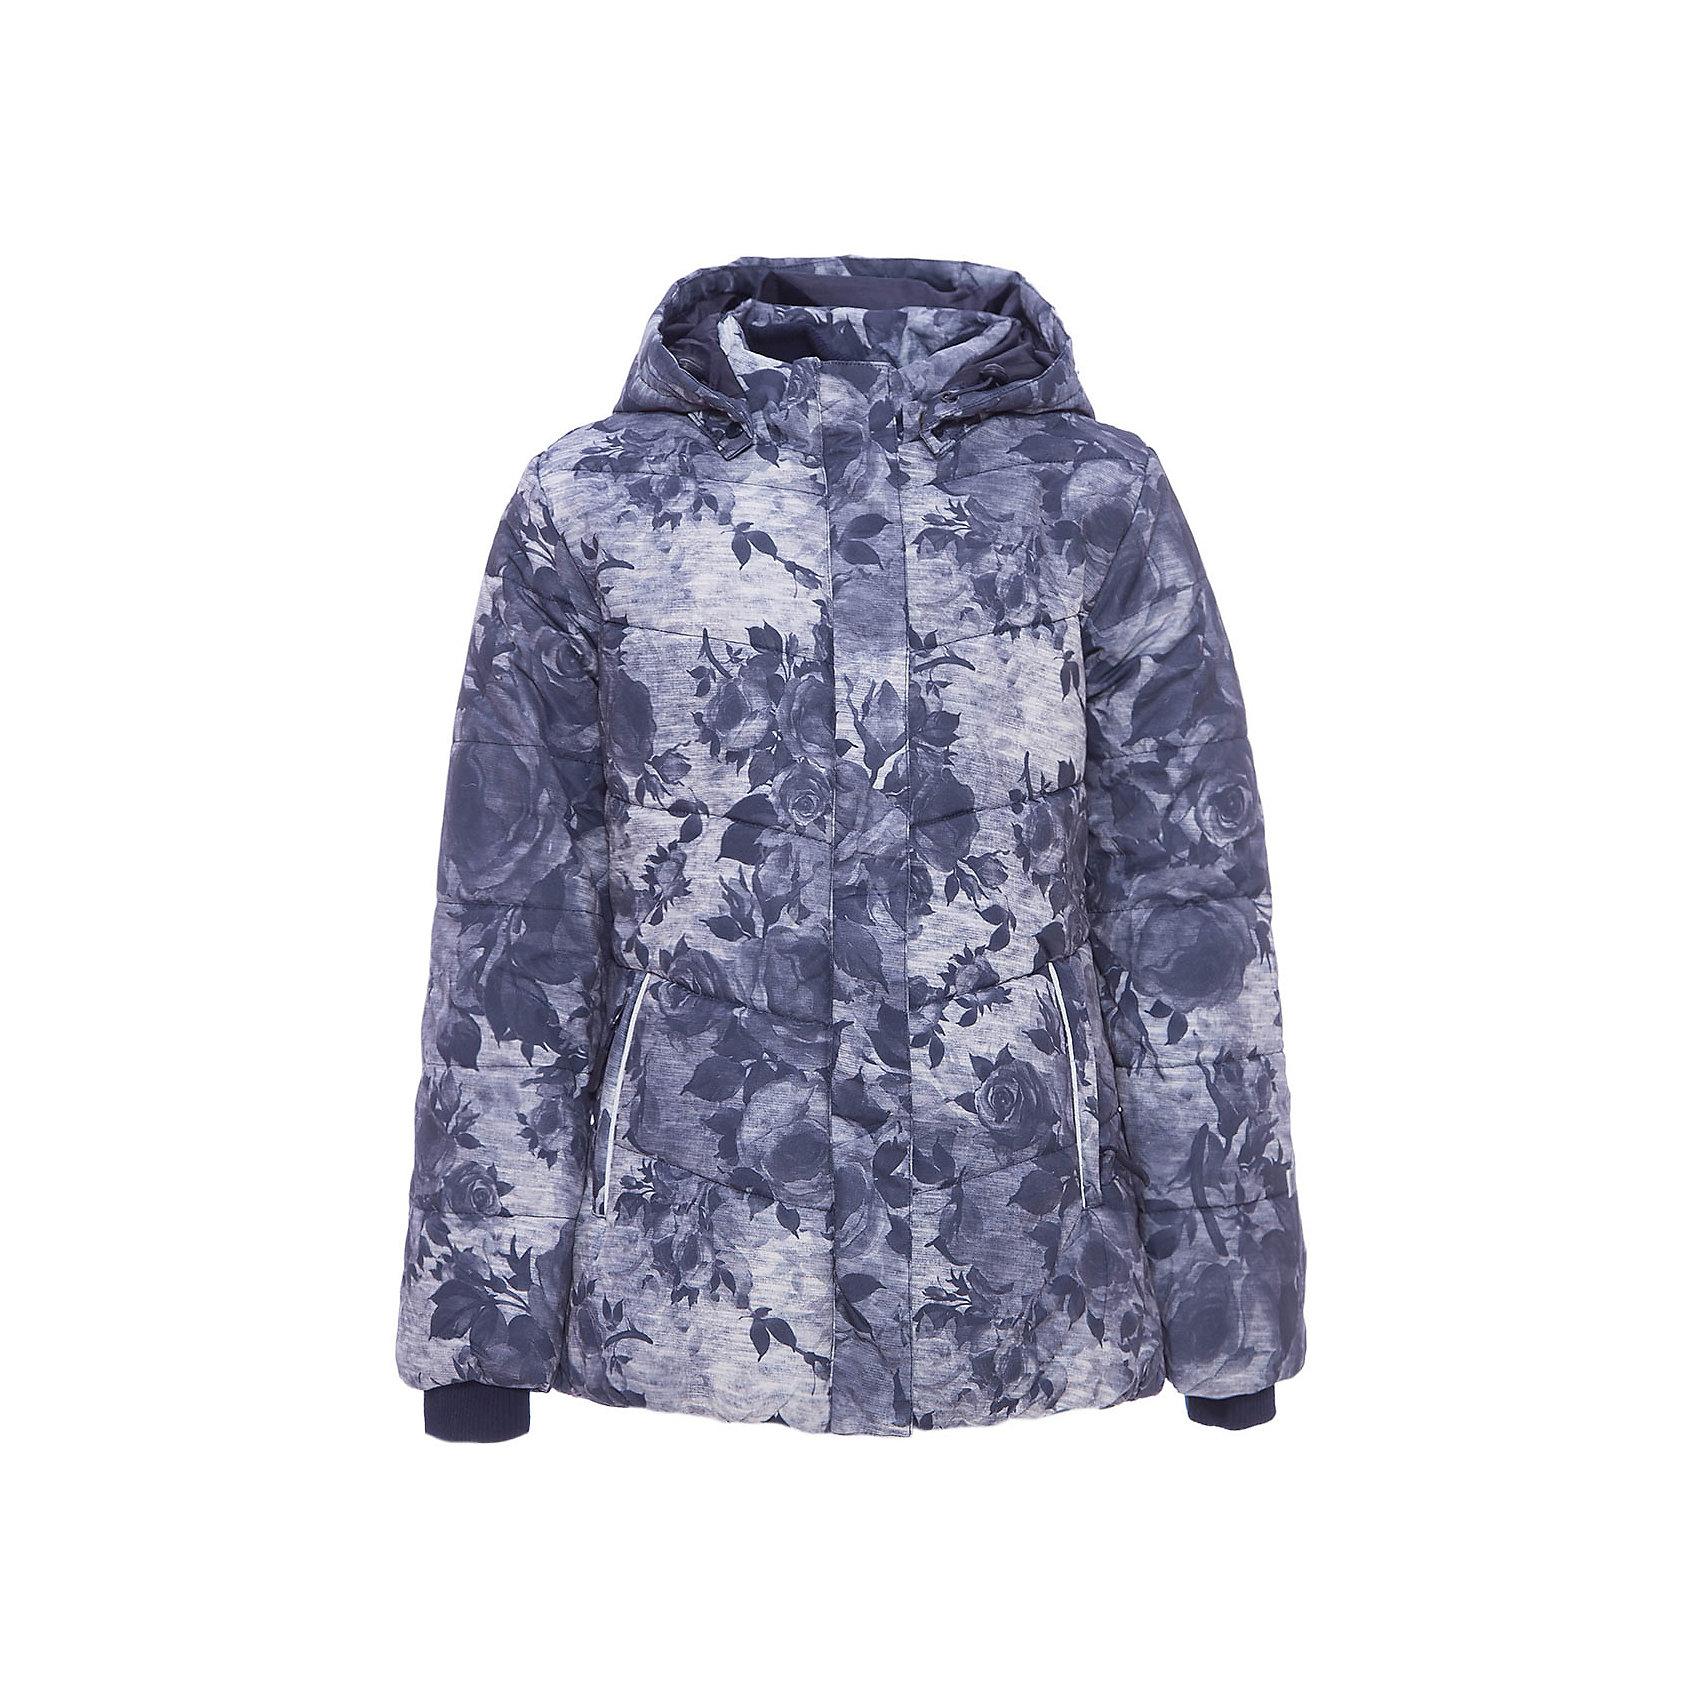 Куртка для девочки ScoolКуртка для девочки Scool – защита от снега, дождя и холода.<br>Удлиненная непромокаемая куртка с отстегивающимся капюшоном с необычным дизайном. Застегивается на молнию с плавным скольжением. Есть планка, защищающая от продувания. Капюшон можно затягивать стопперами. Внизу куртки есть юбочка, застегнув которую ребенок будет еще больше защищен от холода. Трикотажные манжеты на рукавах препятствуют попаданию снега.<br><br>Дополнительная информация:<br><br>- материал: 100% полиэстер<br>- цвет: серый<br><br>Куртку для девочки Scool можно купить в нашем интернет магазине.<br><br>Ширина мм: 356<br>Глубина мм: 10<br>Высота мм: 245<br>Вес г: 519<br>Цвет: разноцветный<br>Возраст от месяцев: 120<br>Возраст до месяцев: 132<br>Пол: Женский<br>Возраст: Детский<br>Размер: 146,152,158,164,134,140<br>SKU: 4911962